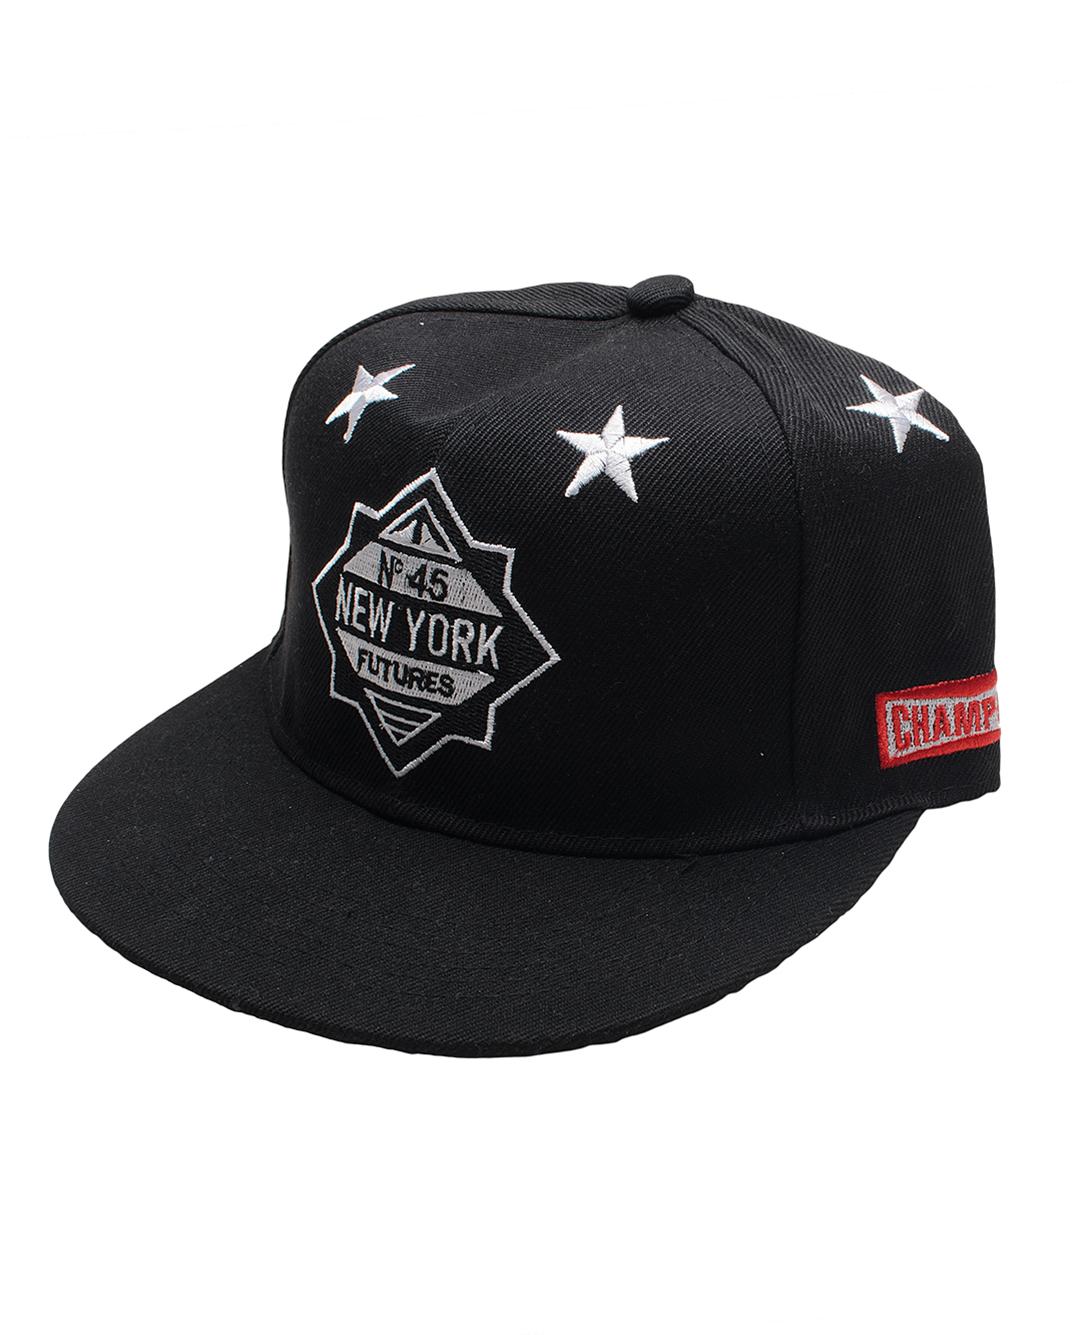 Ανδρικό Καπέλο Futures αρχική αξεσουάρ   παπούτσια καπέλα